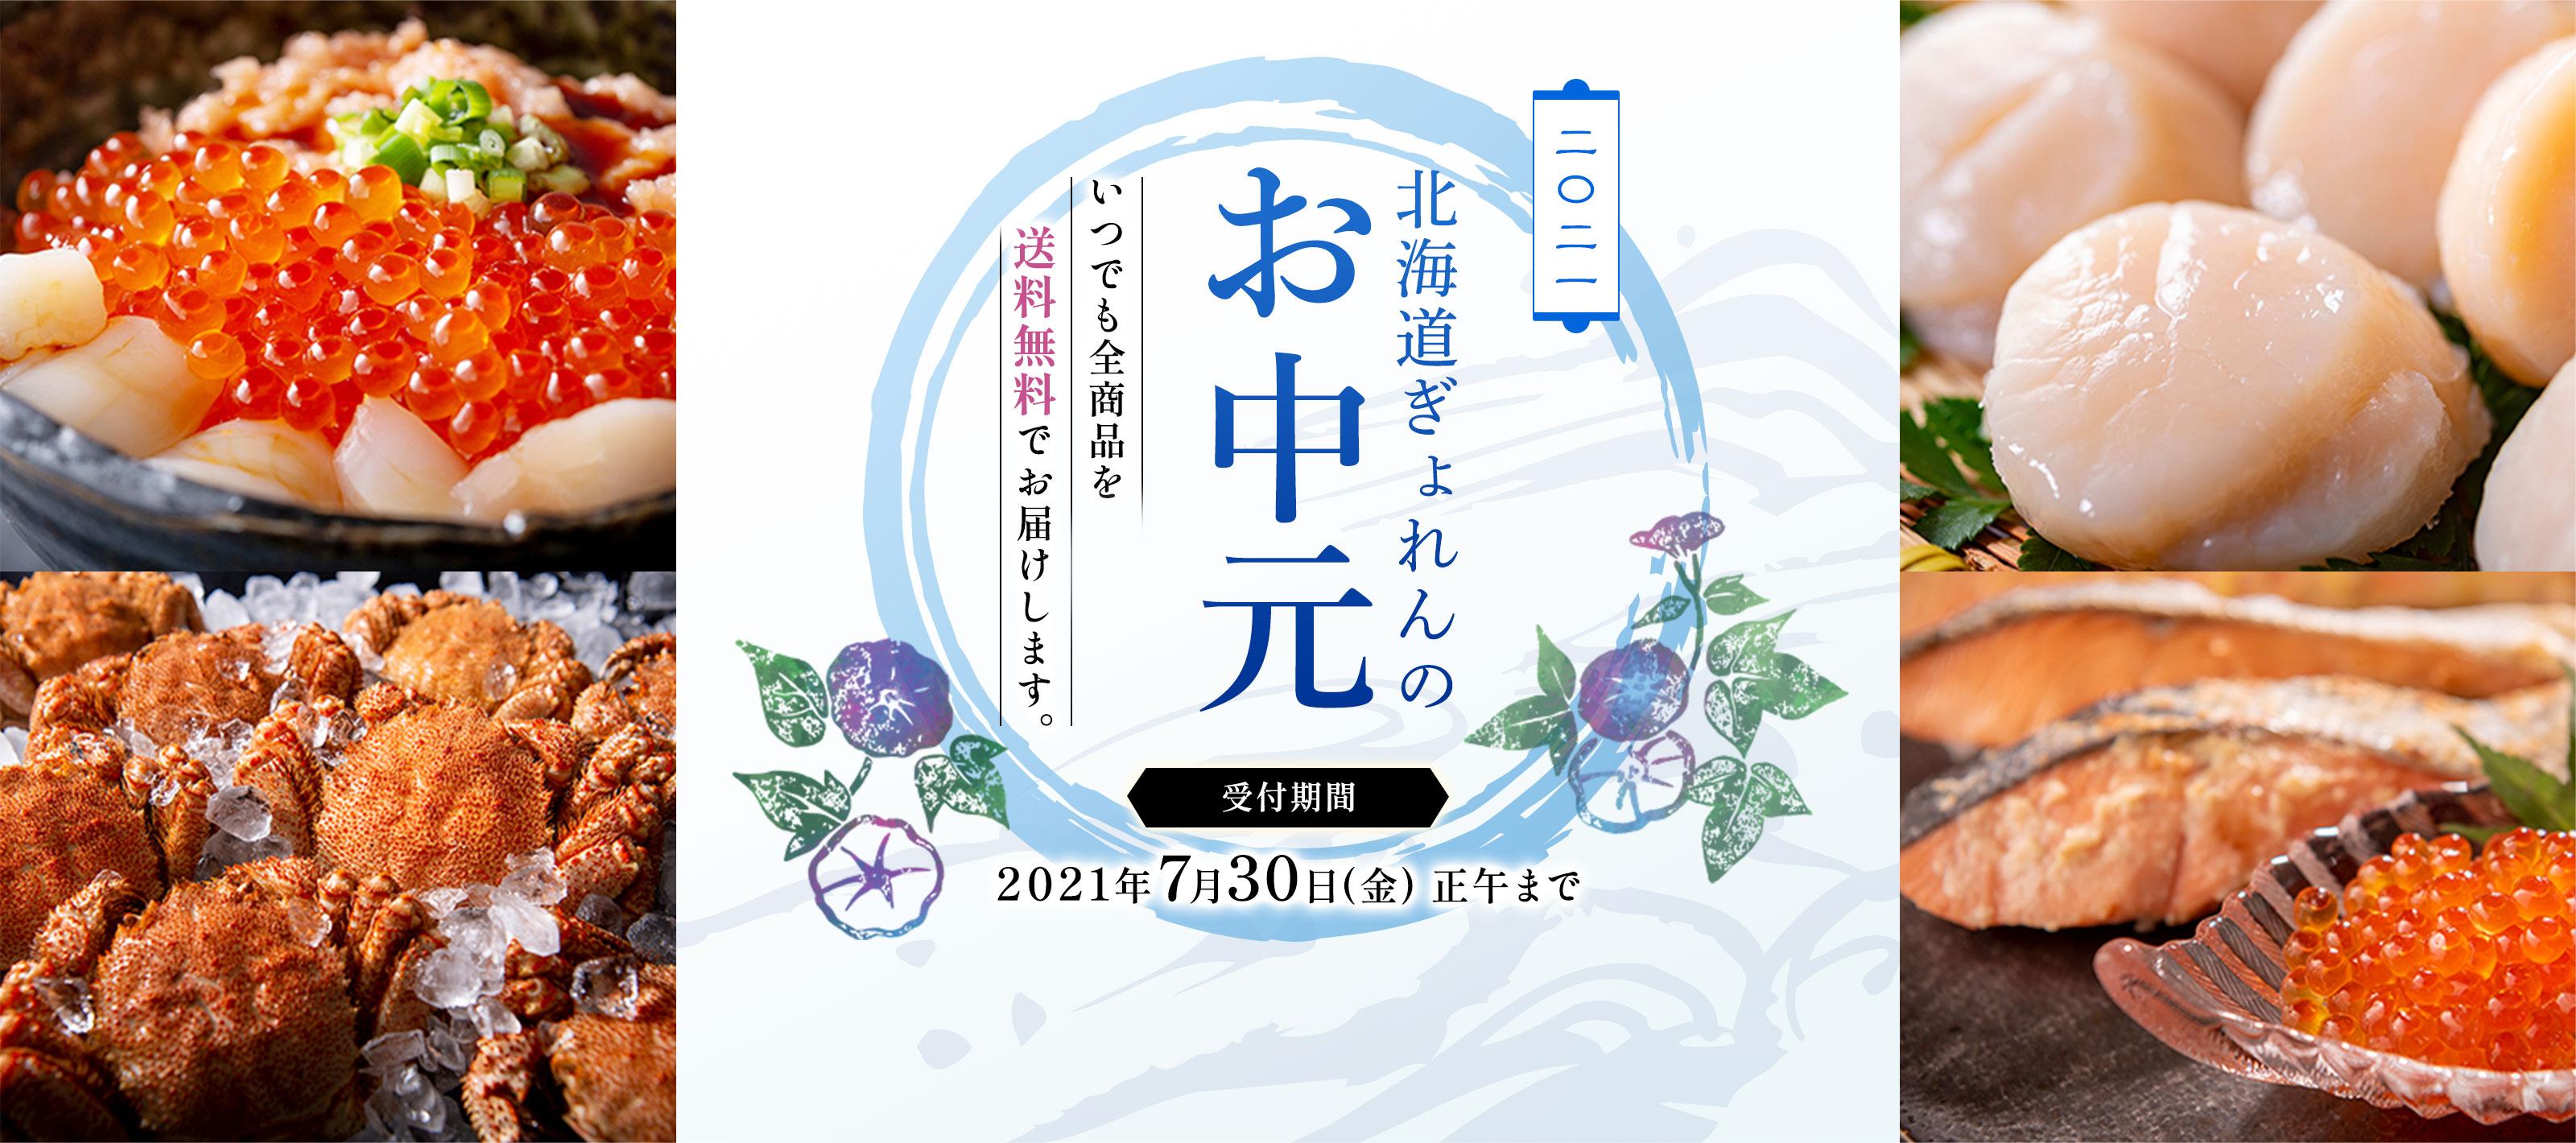 2021 北海道ぎょれんのお中元 いつでも全商品を送料無料でお届けします。 受付期間 2021年7月30日(金)正午まで